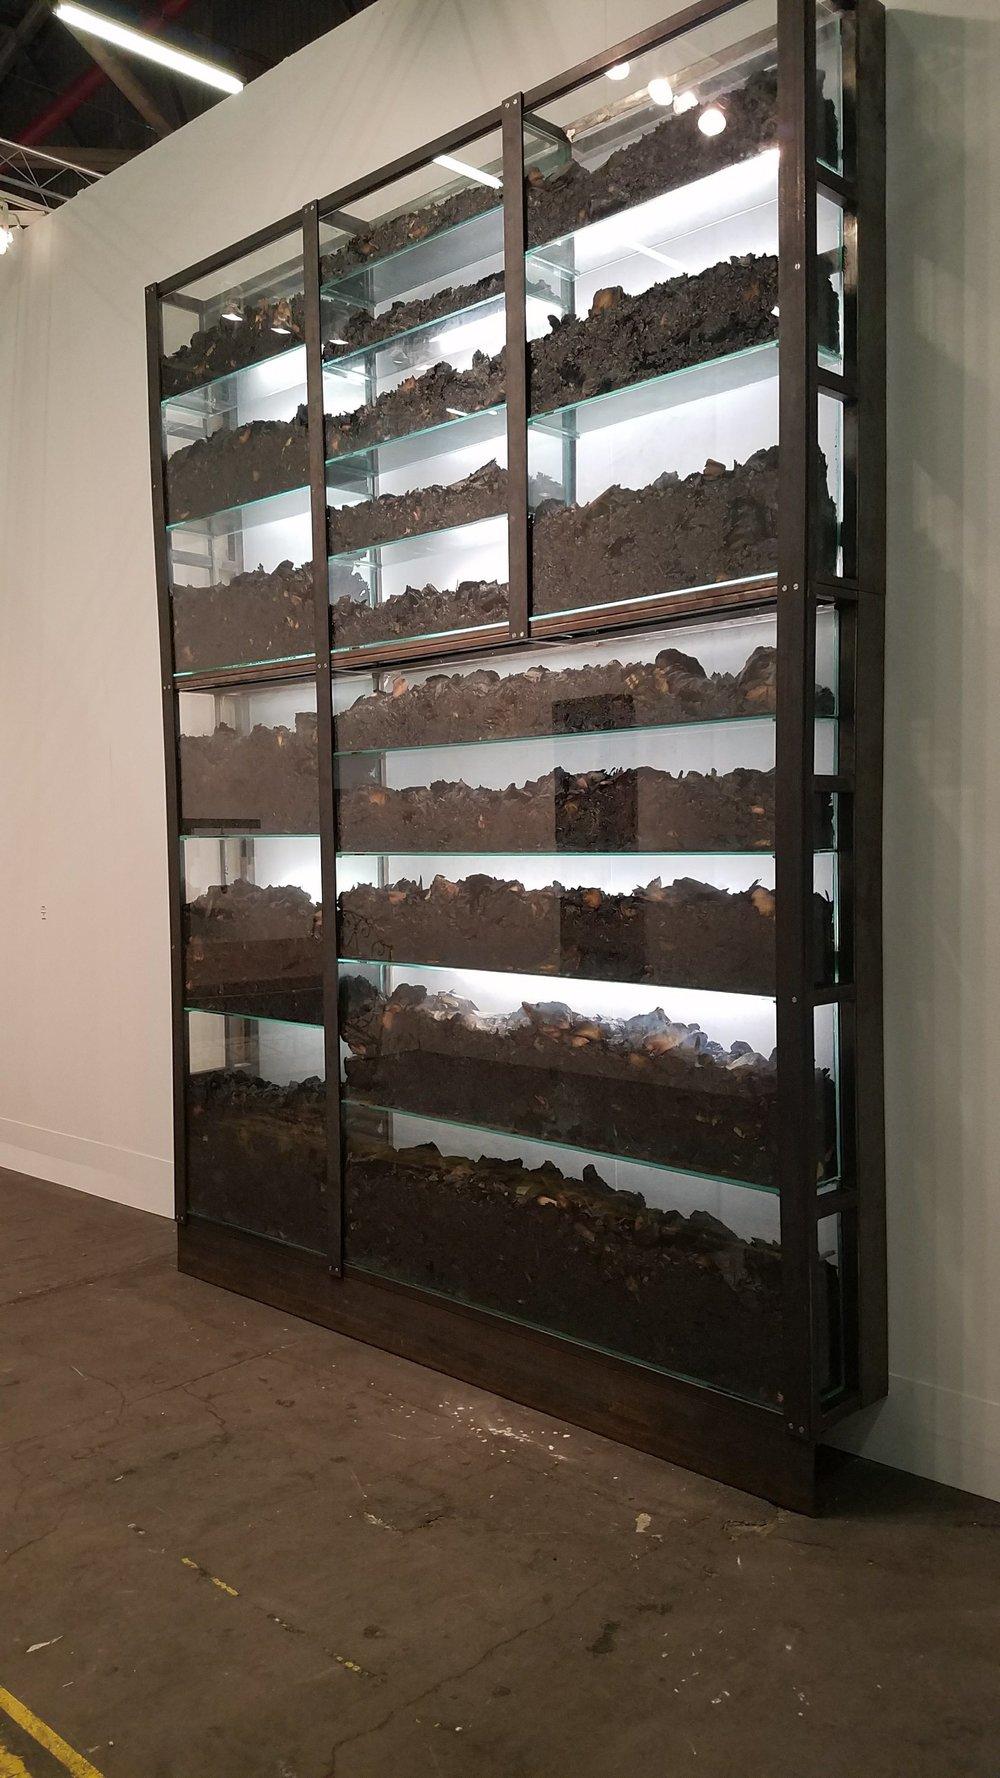 Chen Zhen, la Fin du monde des signes, 1992-1994, Courtesy of Galleria Continua